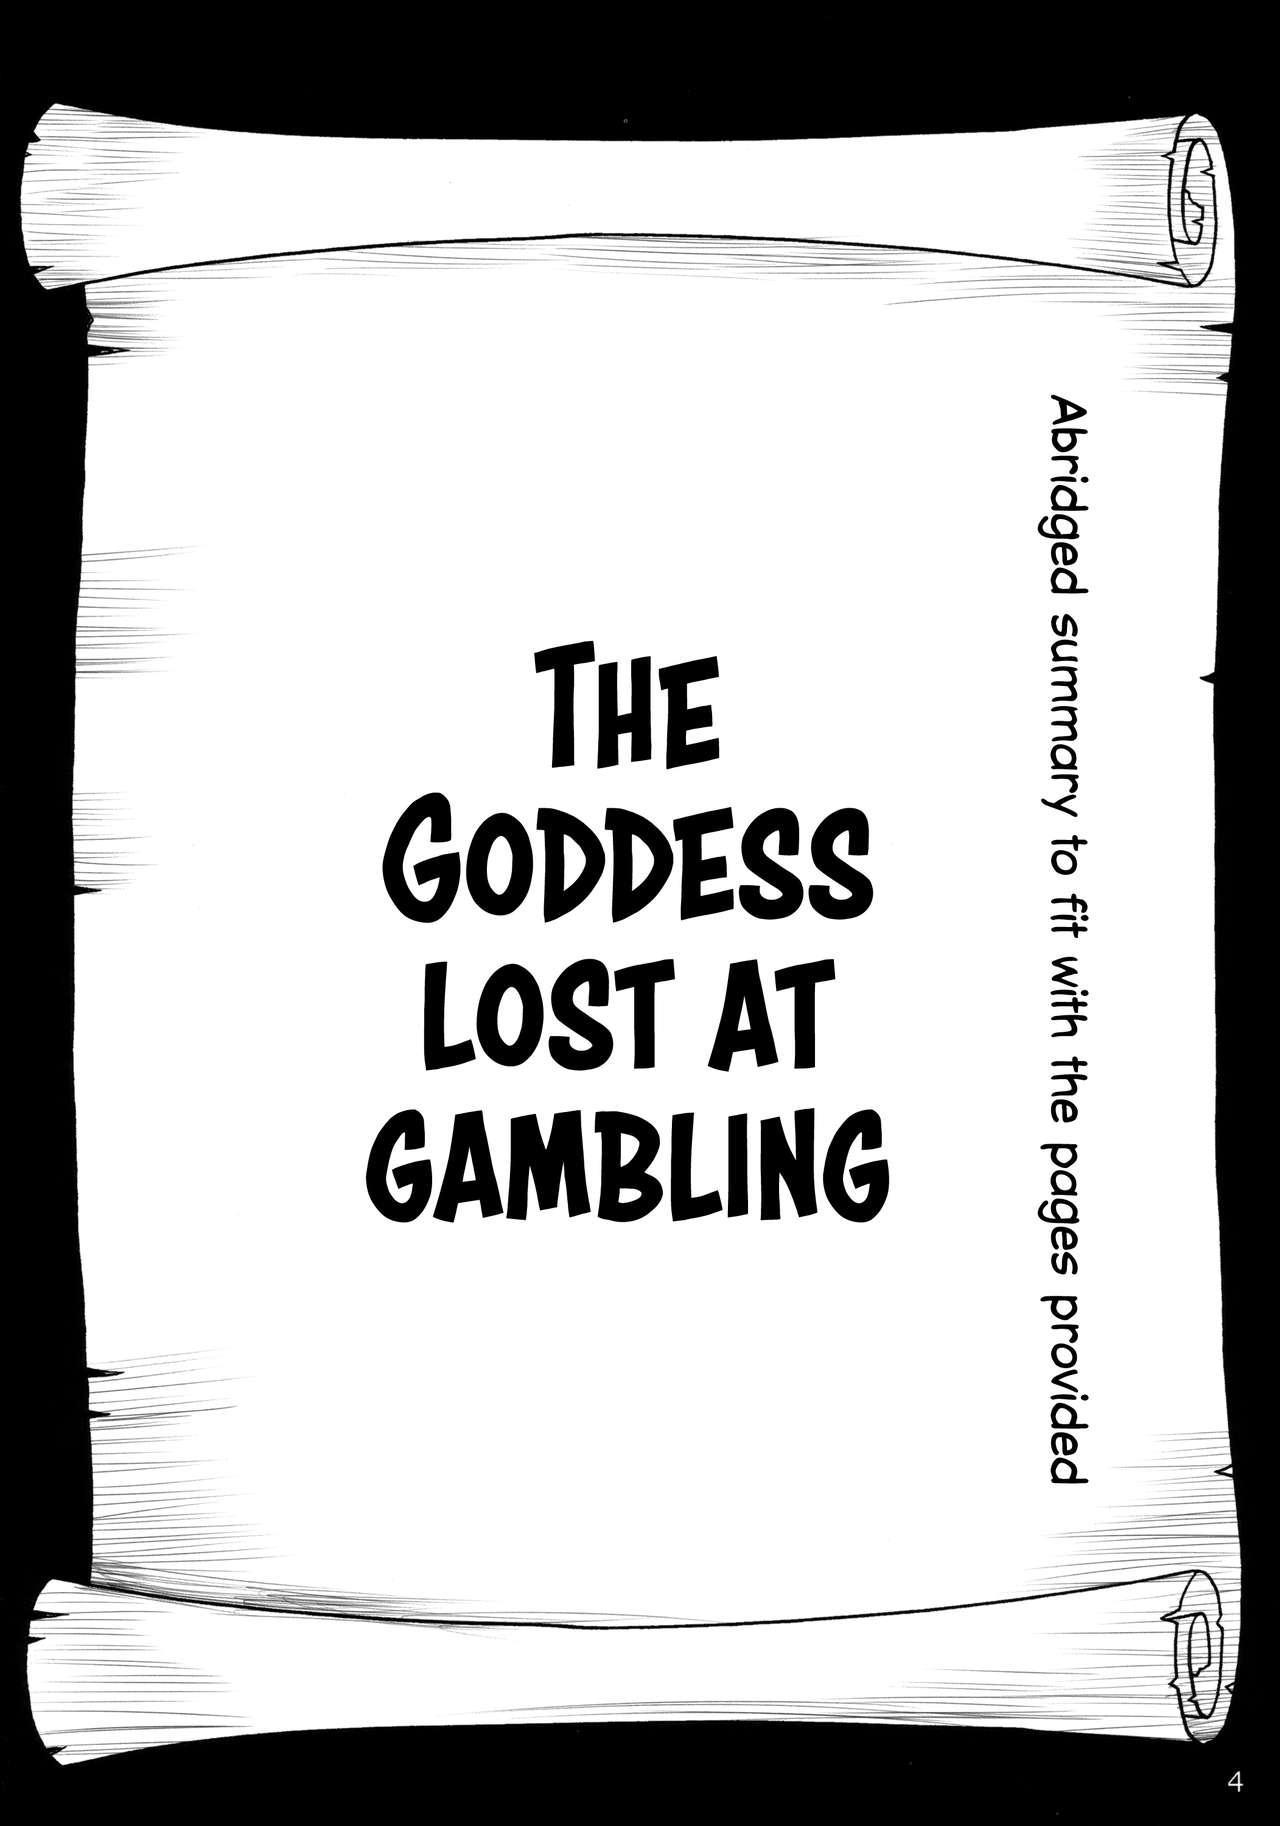 Megami ga Gamble ni Makeru Wake Nai Janai | There's No Way a Goddess Can Lose at Gambling 2